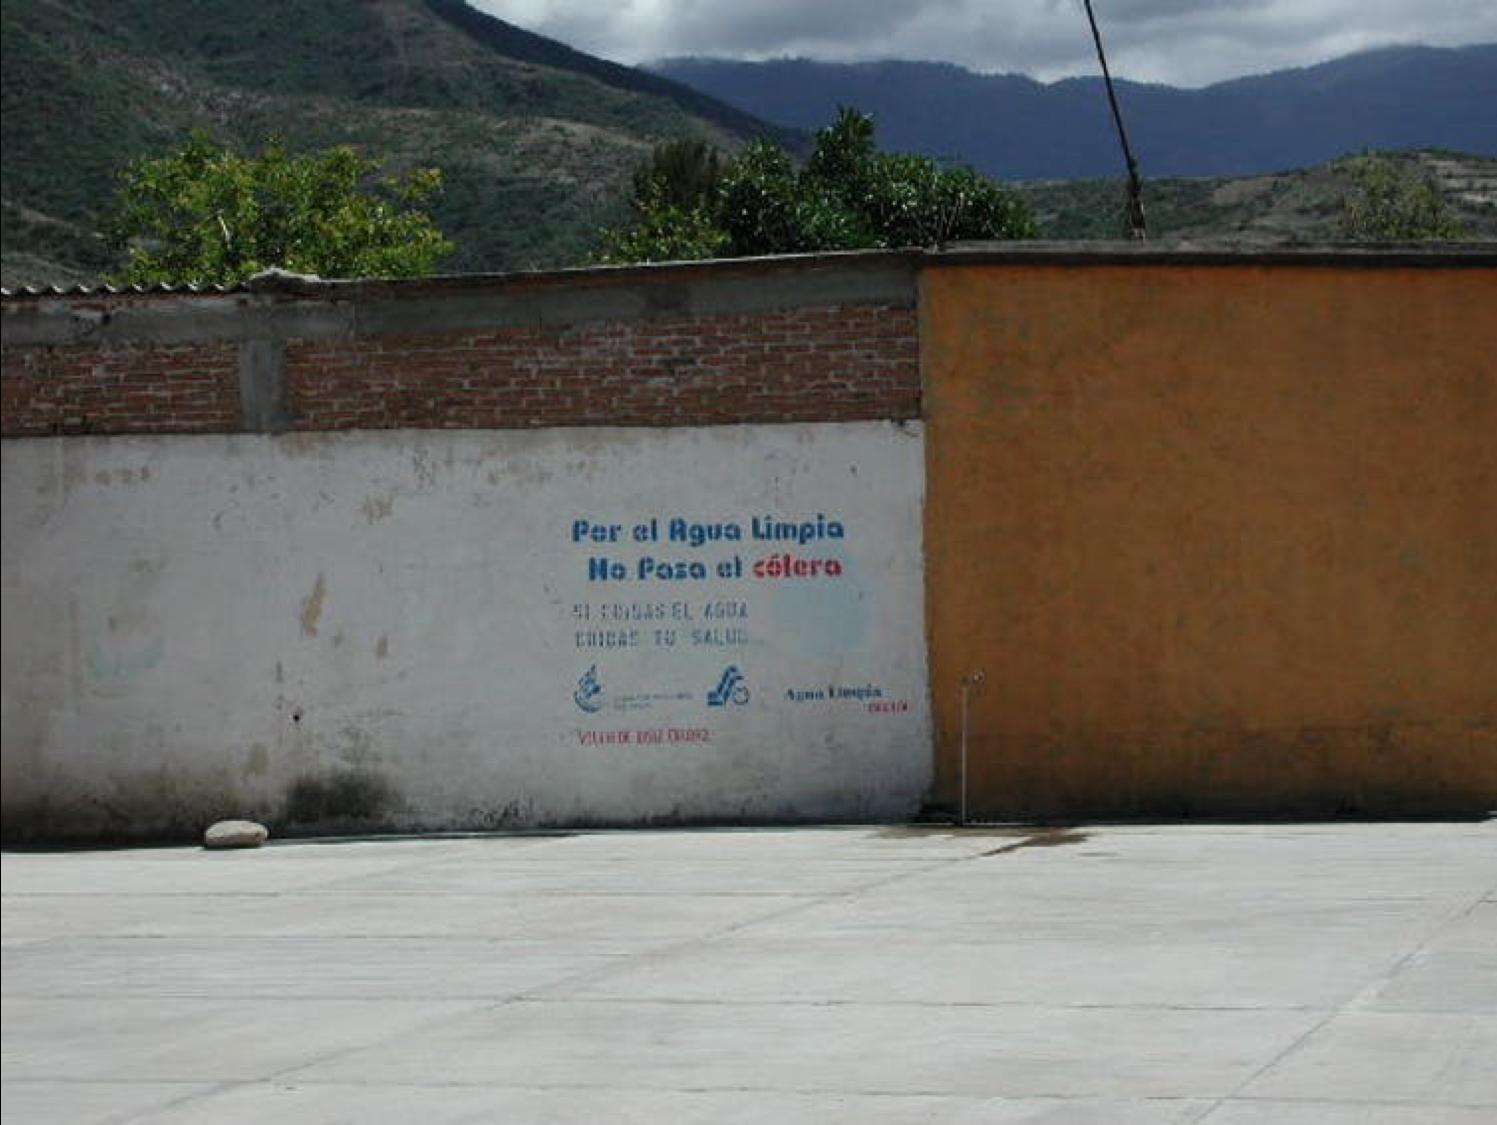 Una campaña contra el cólera promoviendo el agua potable en Oaxaca. Jeffrey H. Cohen